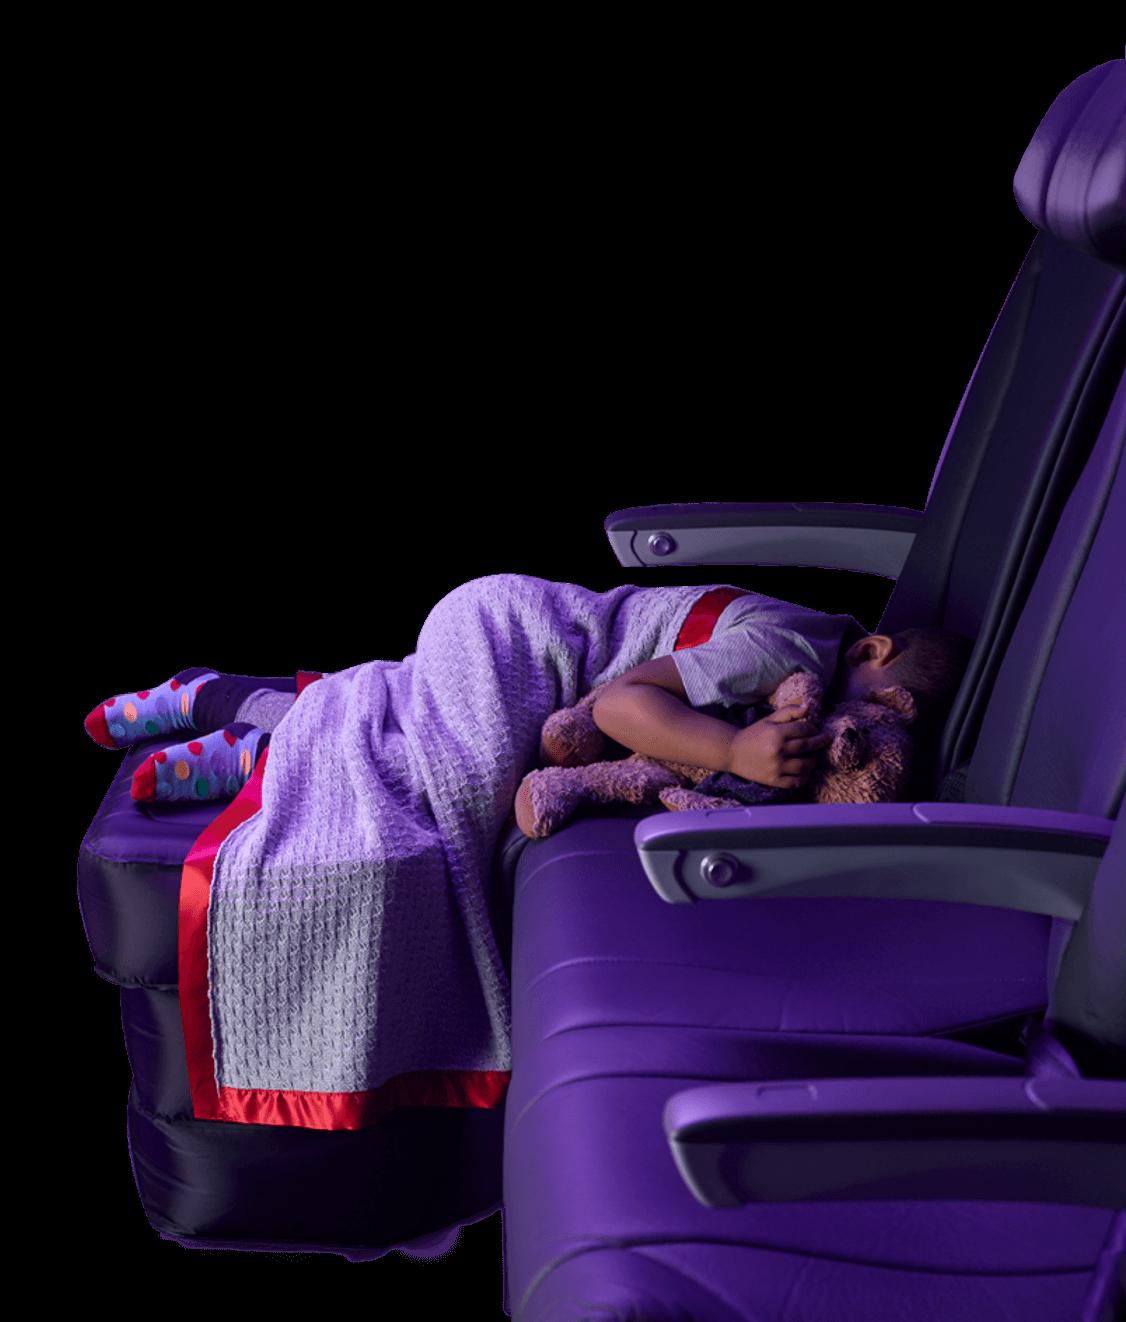 ヴァージン・オーストラリアの簡易ベッドを使って機内の座席で眠る子供